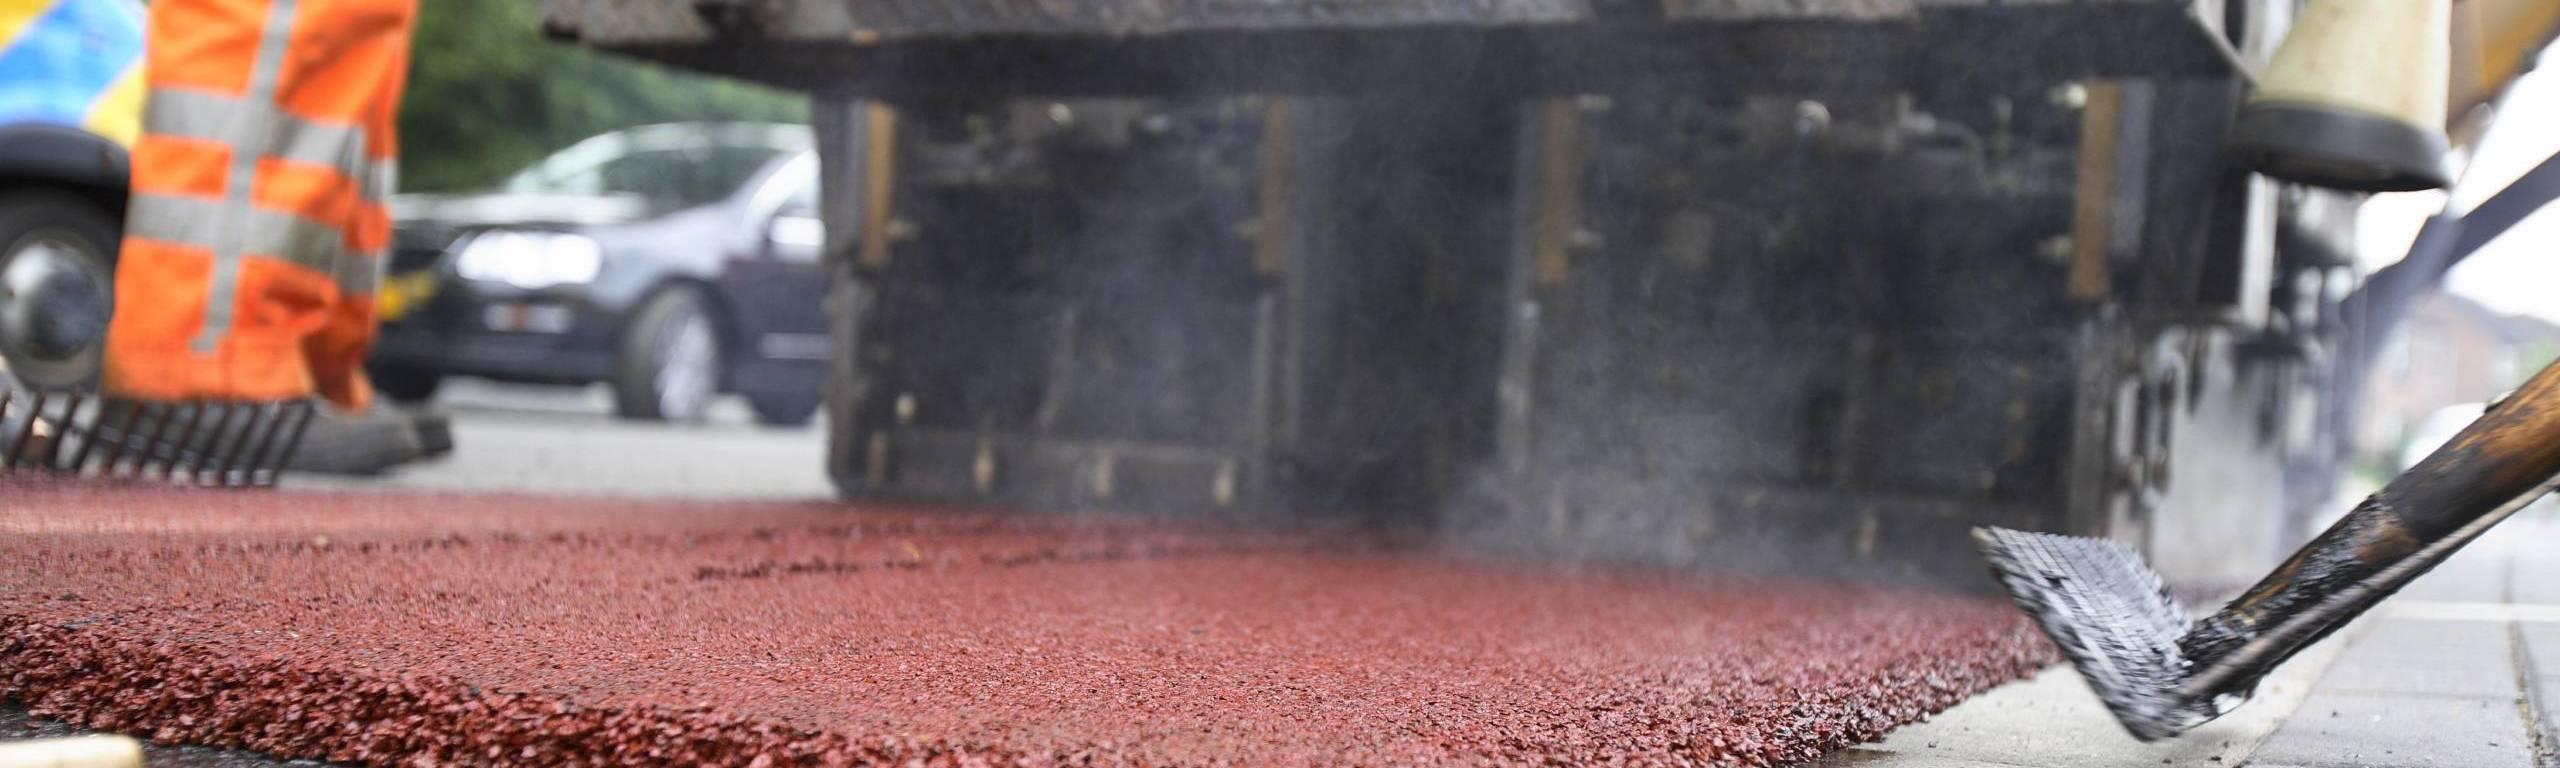 Reparatie en onderhoud aan asfalt